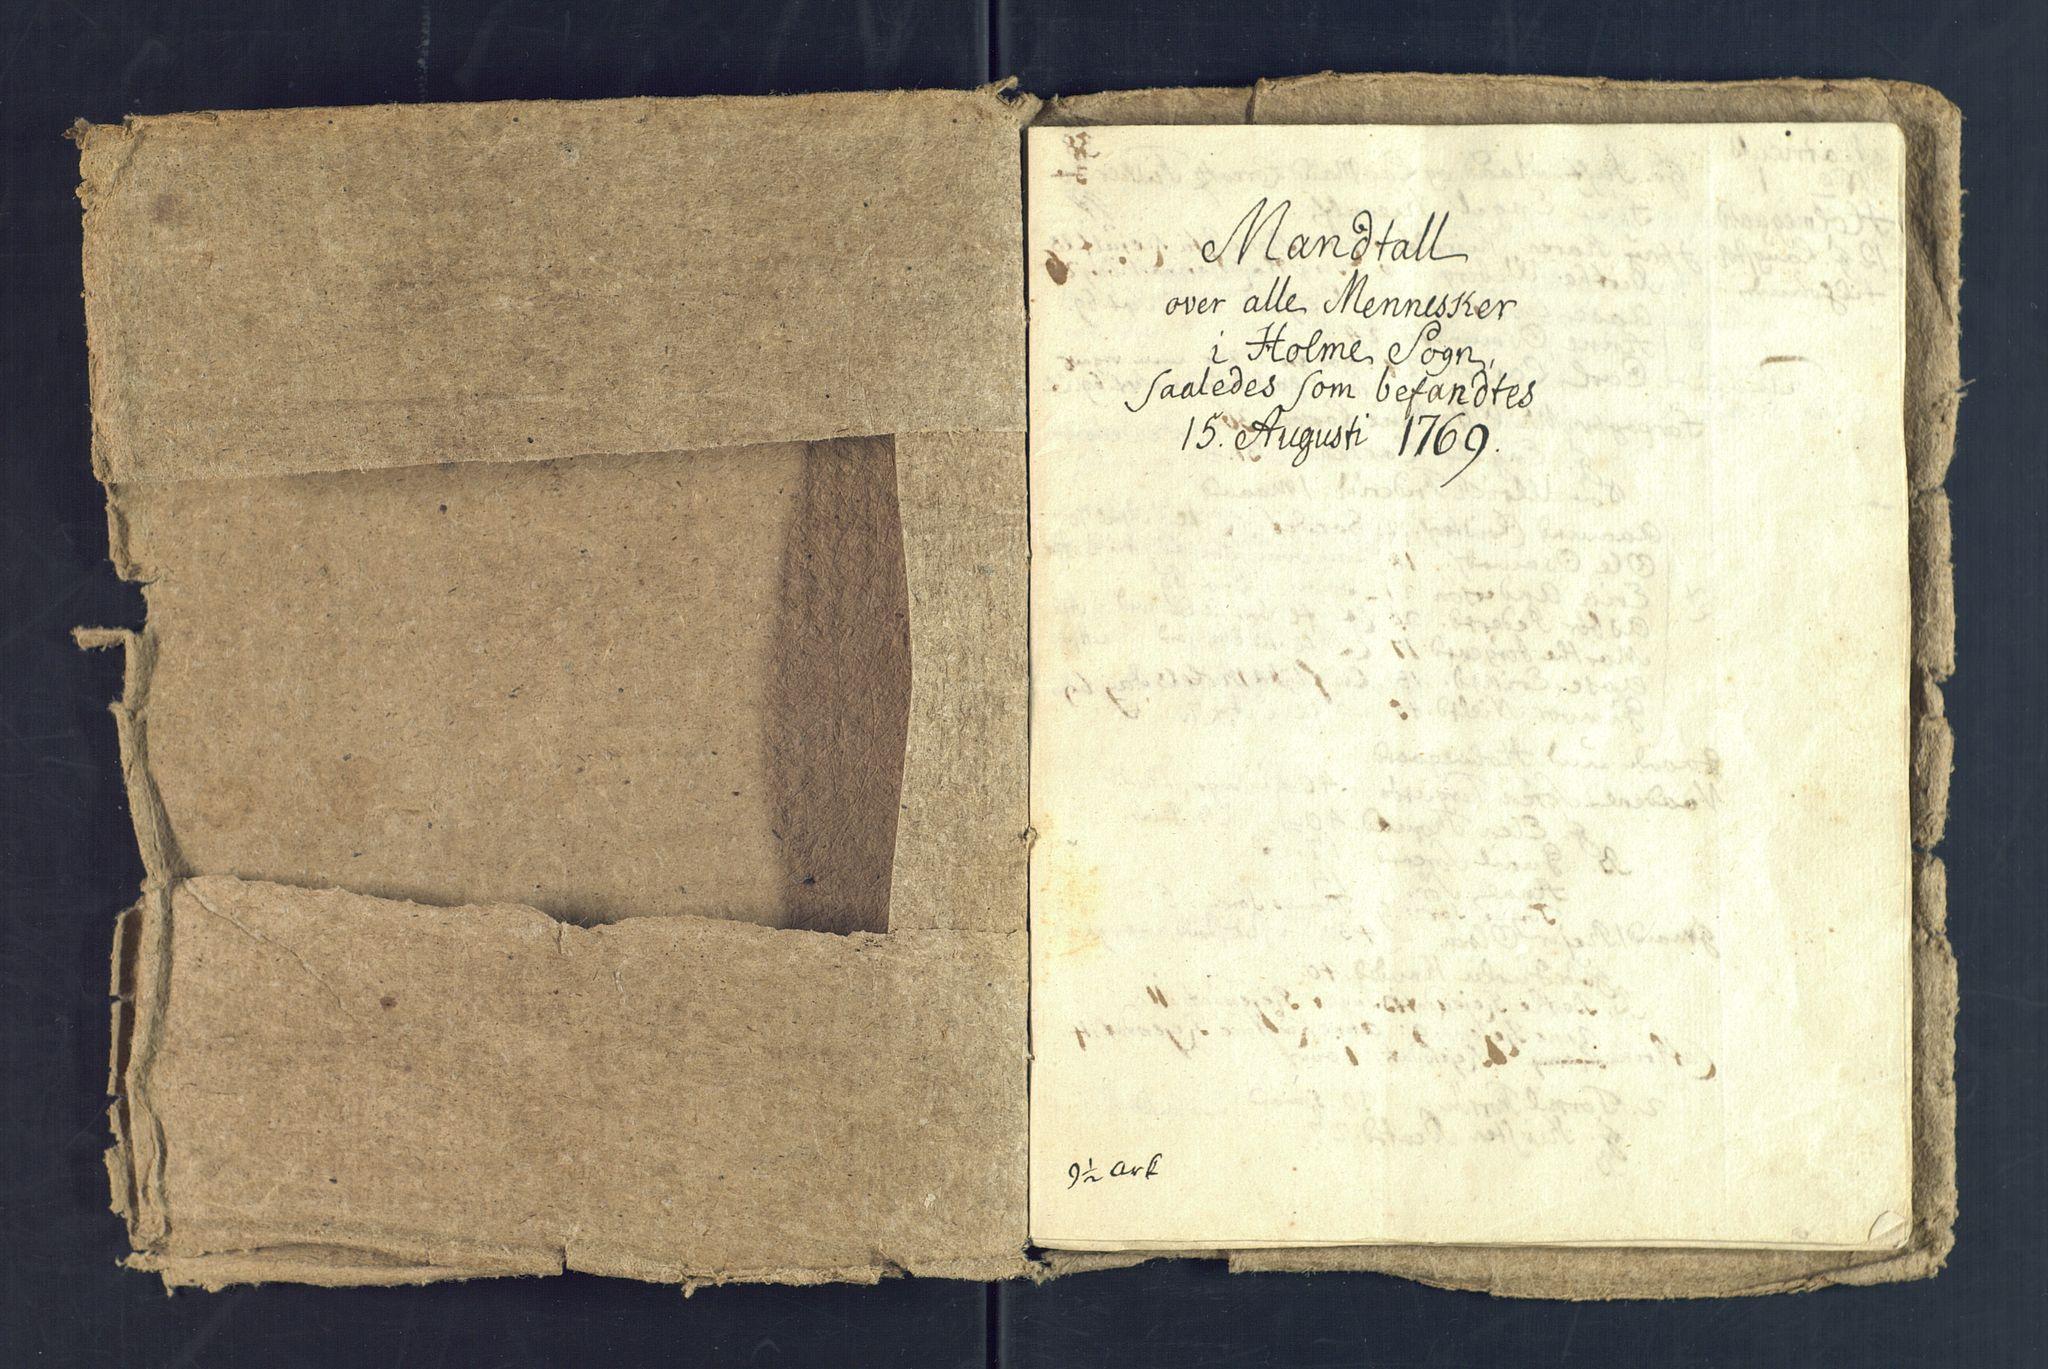 SAK, Holum sokneprestkontor, Andre øvrighetsfunksjoner, no. 5: Census for Holum local parish 1769, 1769-1771, p. 2